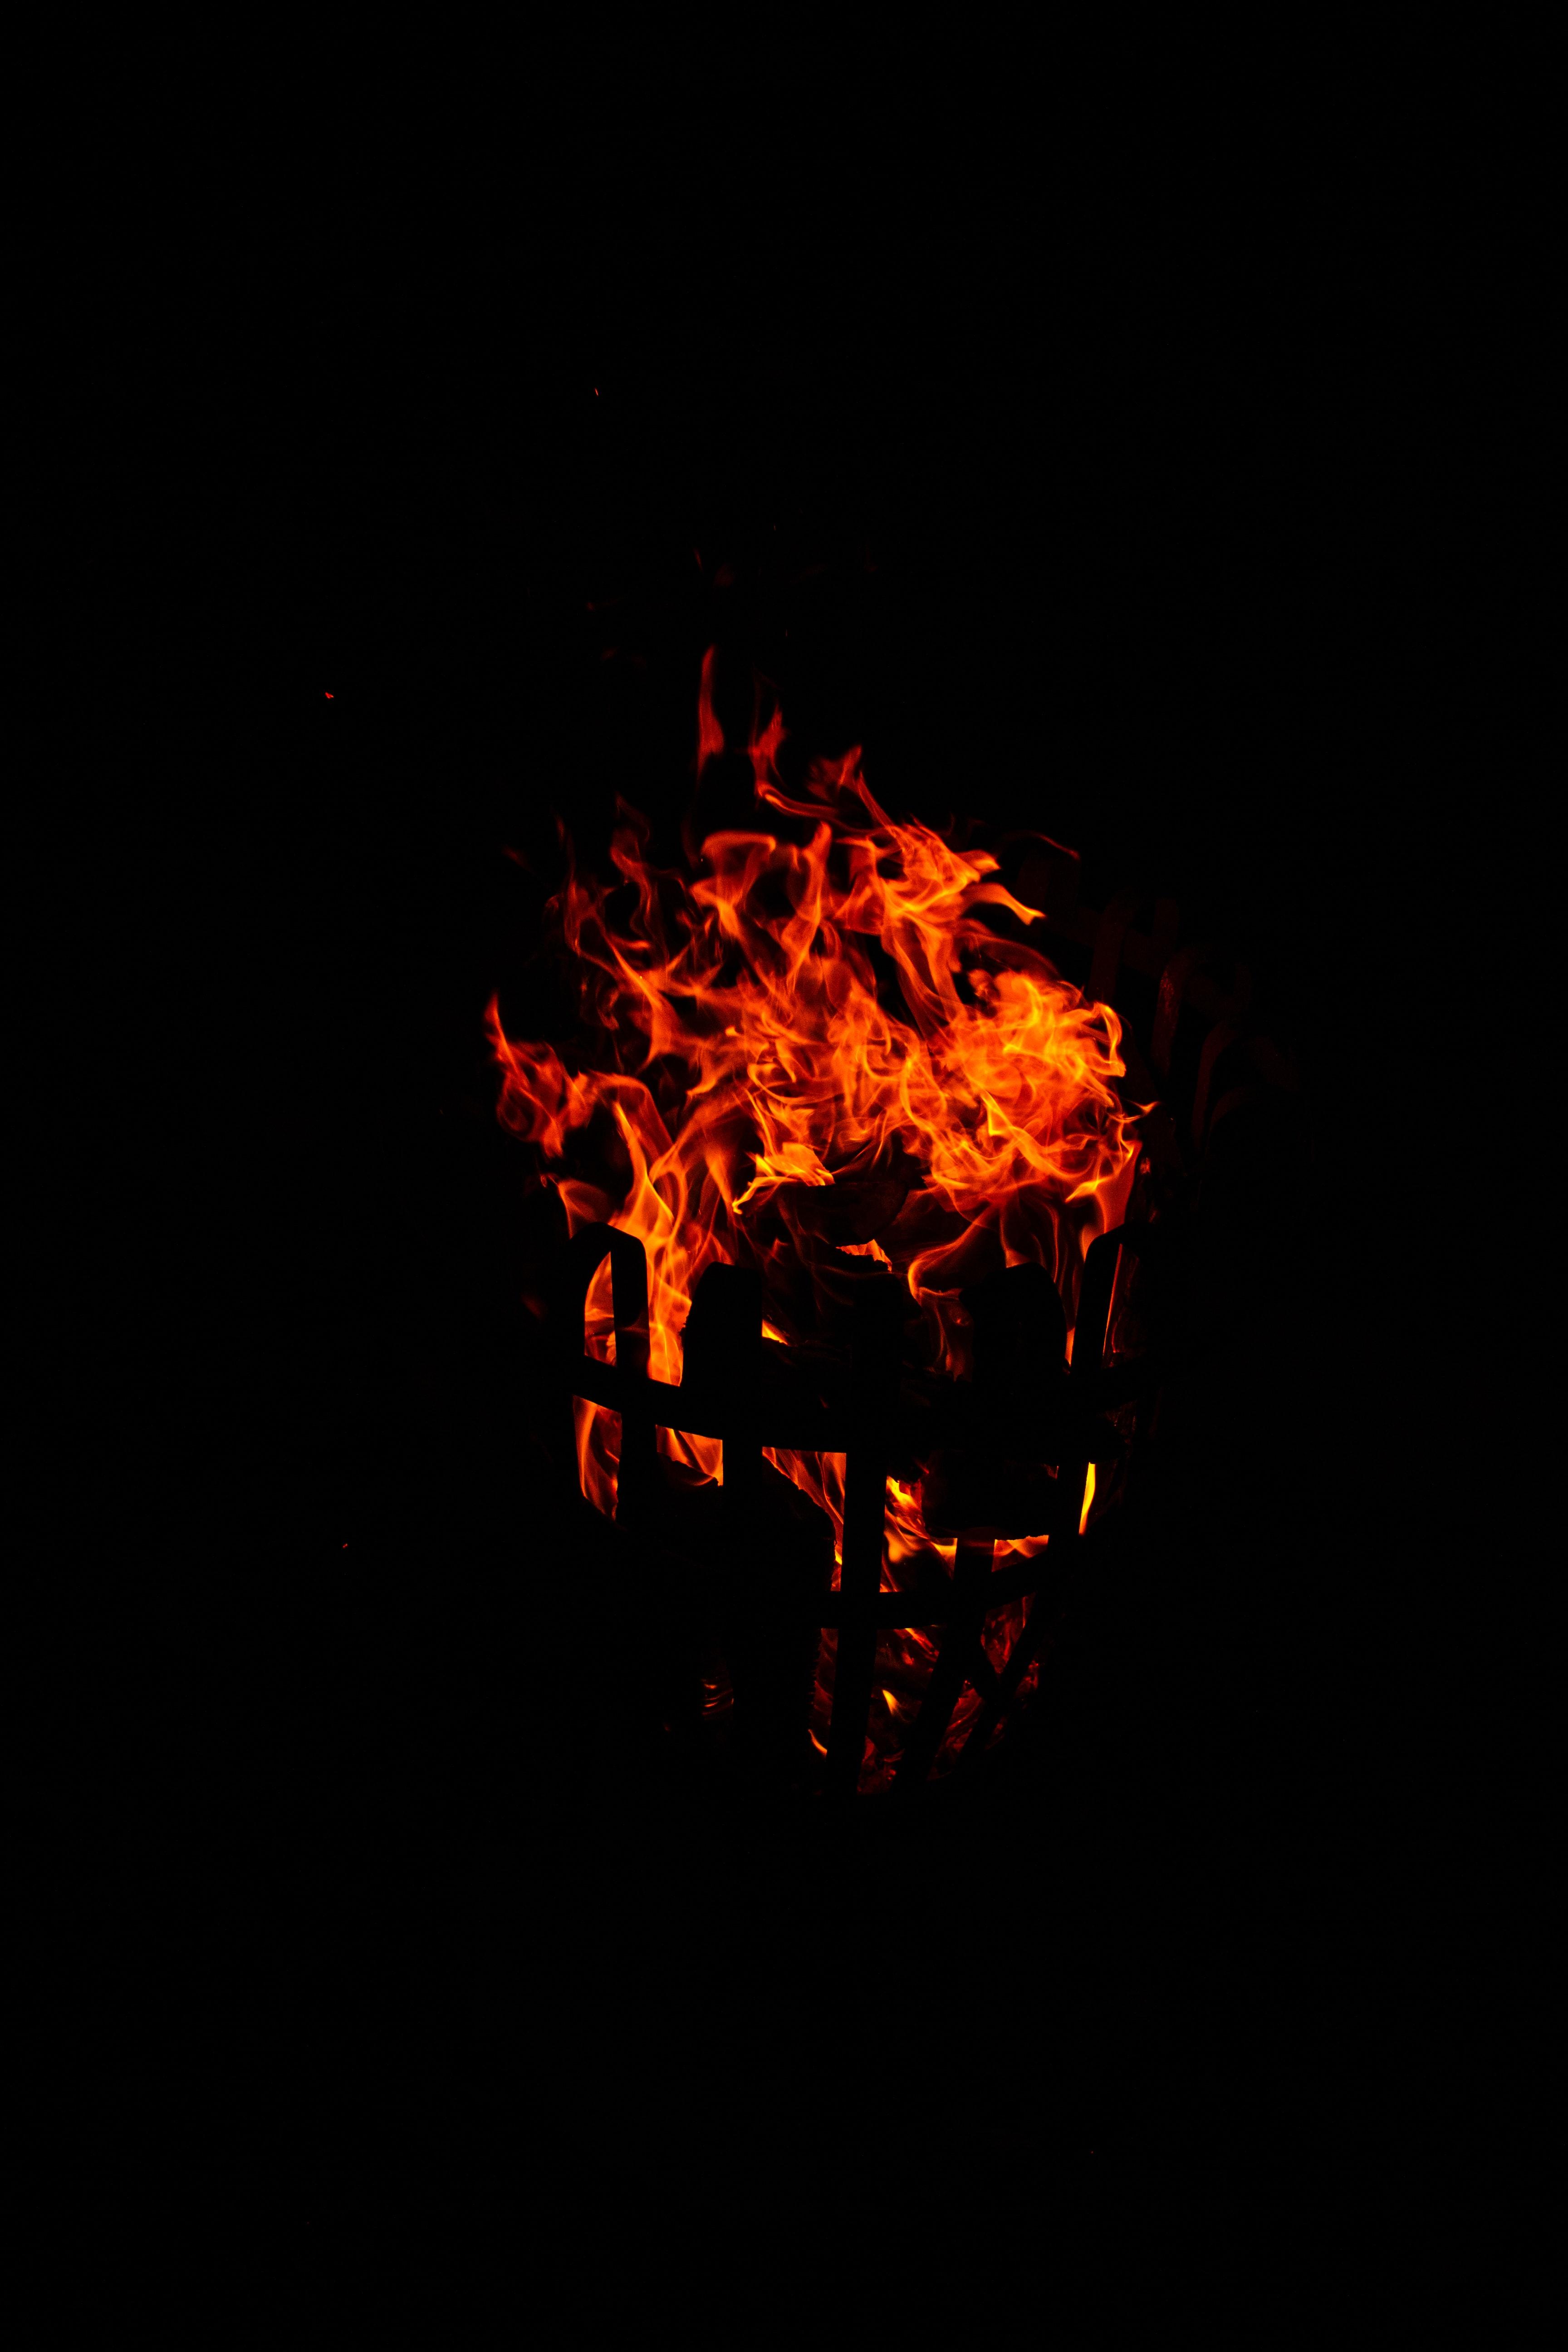 81431 免費下載壁紙 黑暗的, 黑暗, 火焰, 篝火, 火花, 火, 黑色的 屏保和圖片